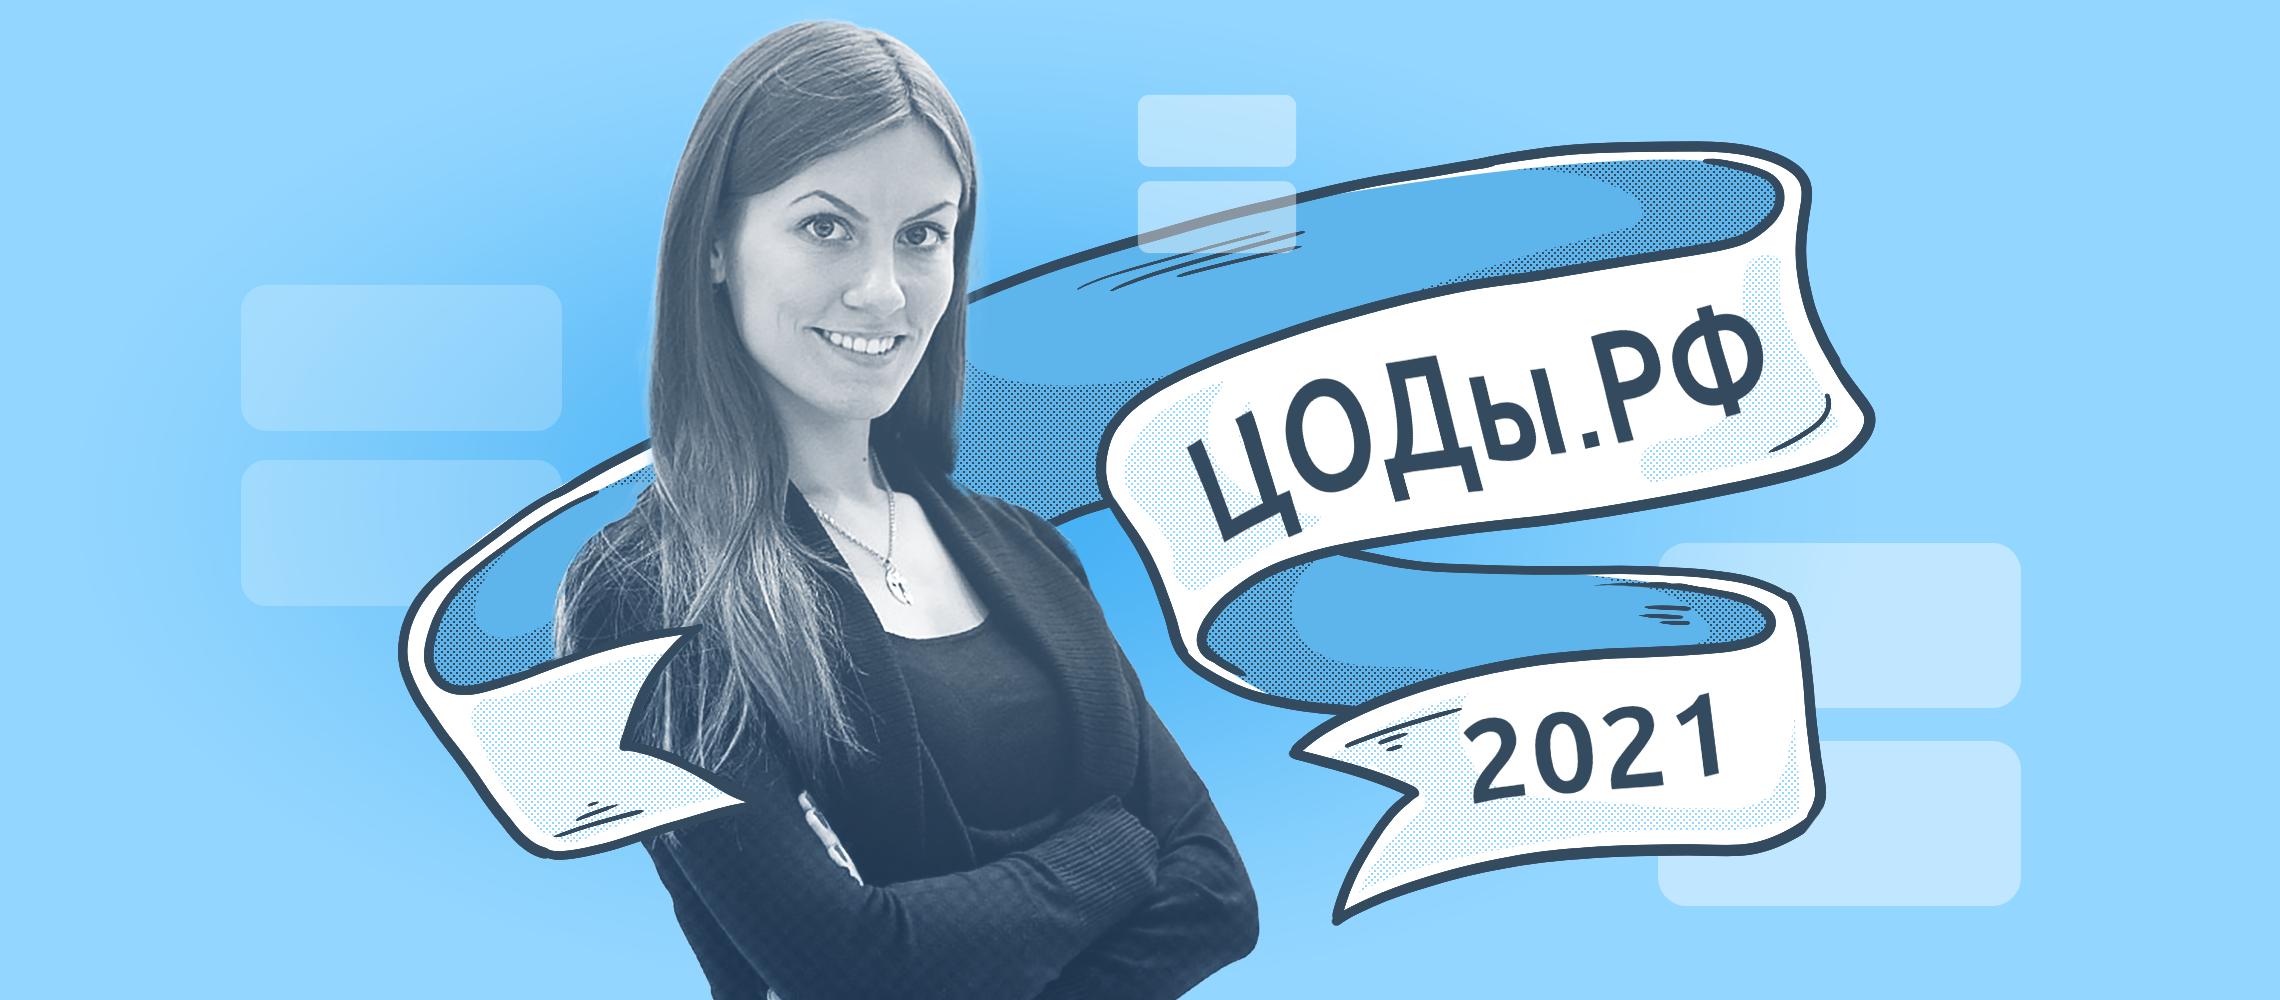 Руководитель DCImanager Наталья Царёва стала участником национальной премии ЦОДы.РФ